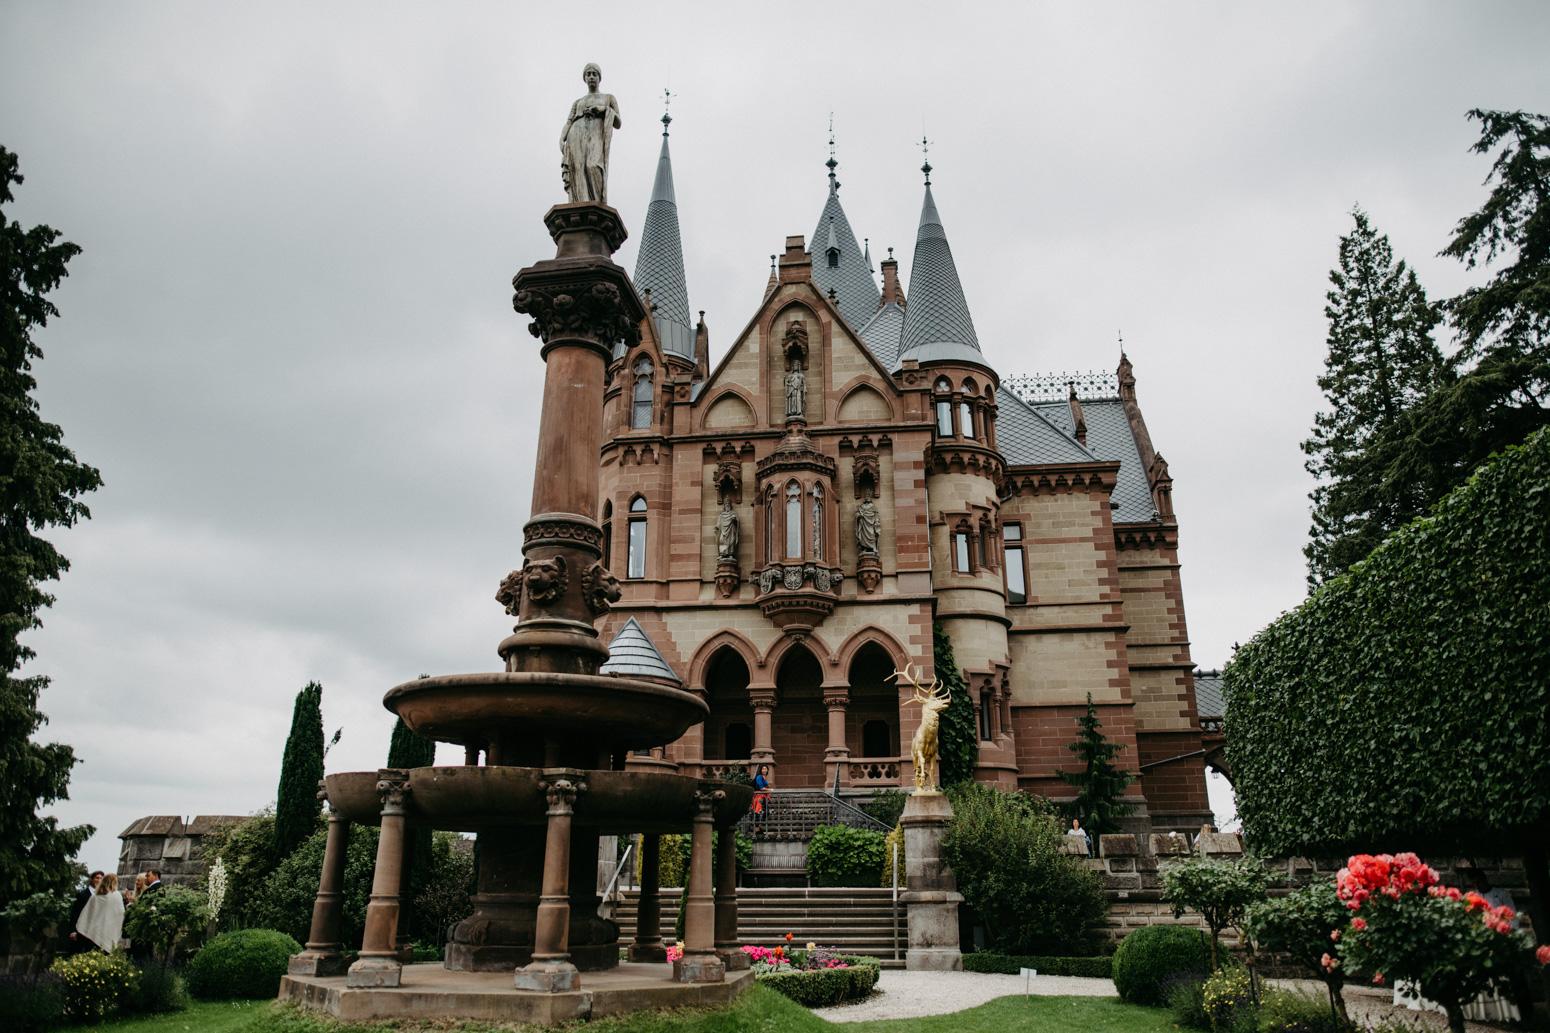 Sektempfang auf Schloss Drachenburg in Königswinter